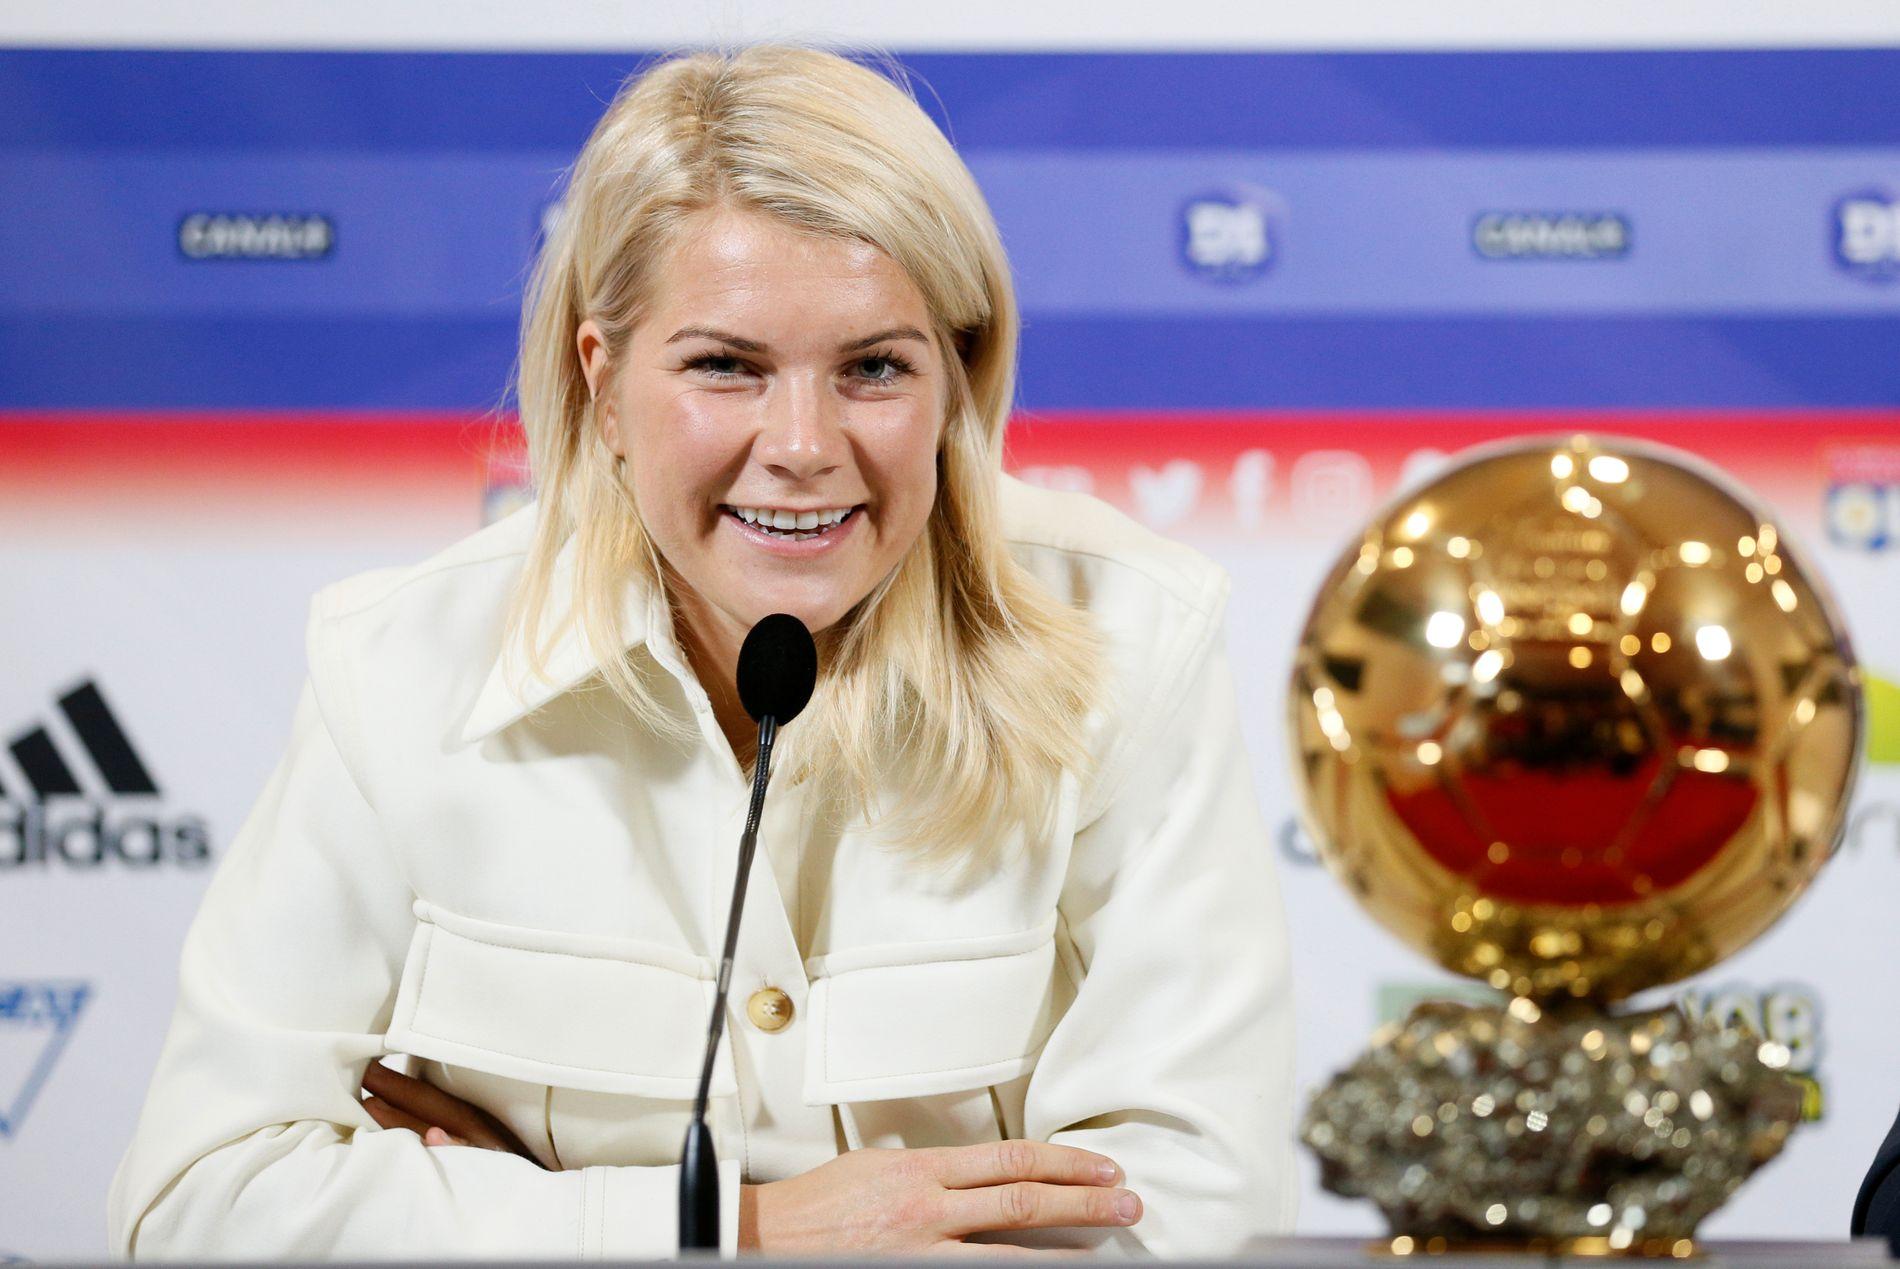 TAR AV: Ada Hegerberg, her på en Ballon d'Or-pressekonferanse i Lyon.